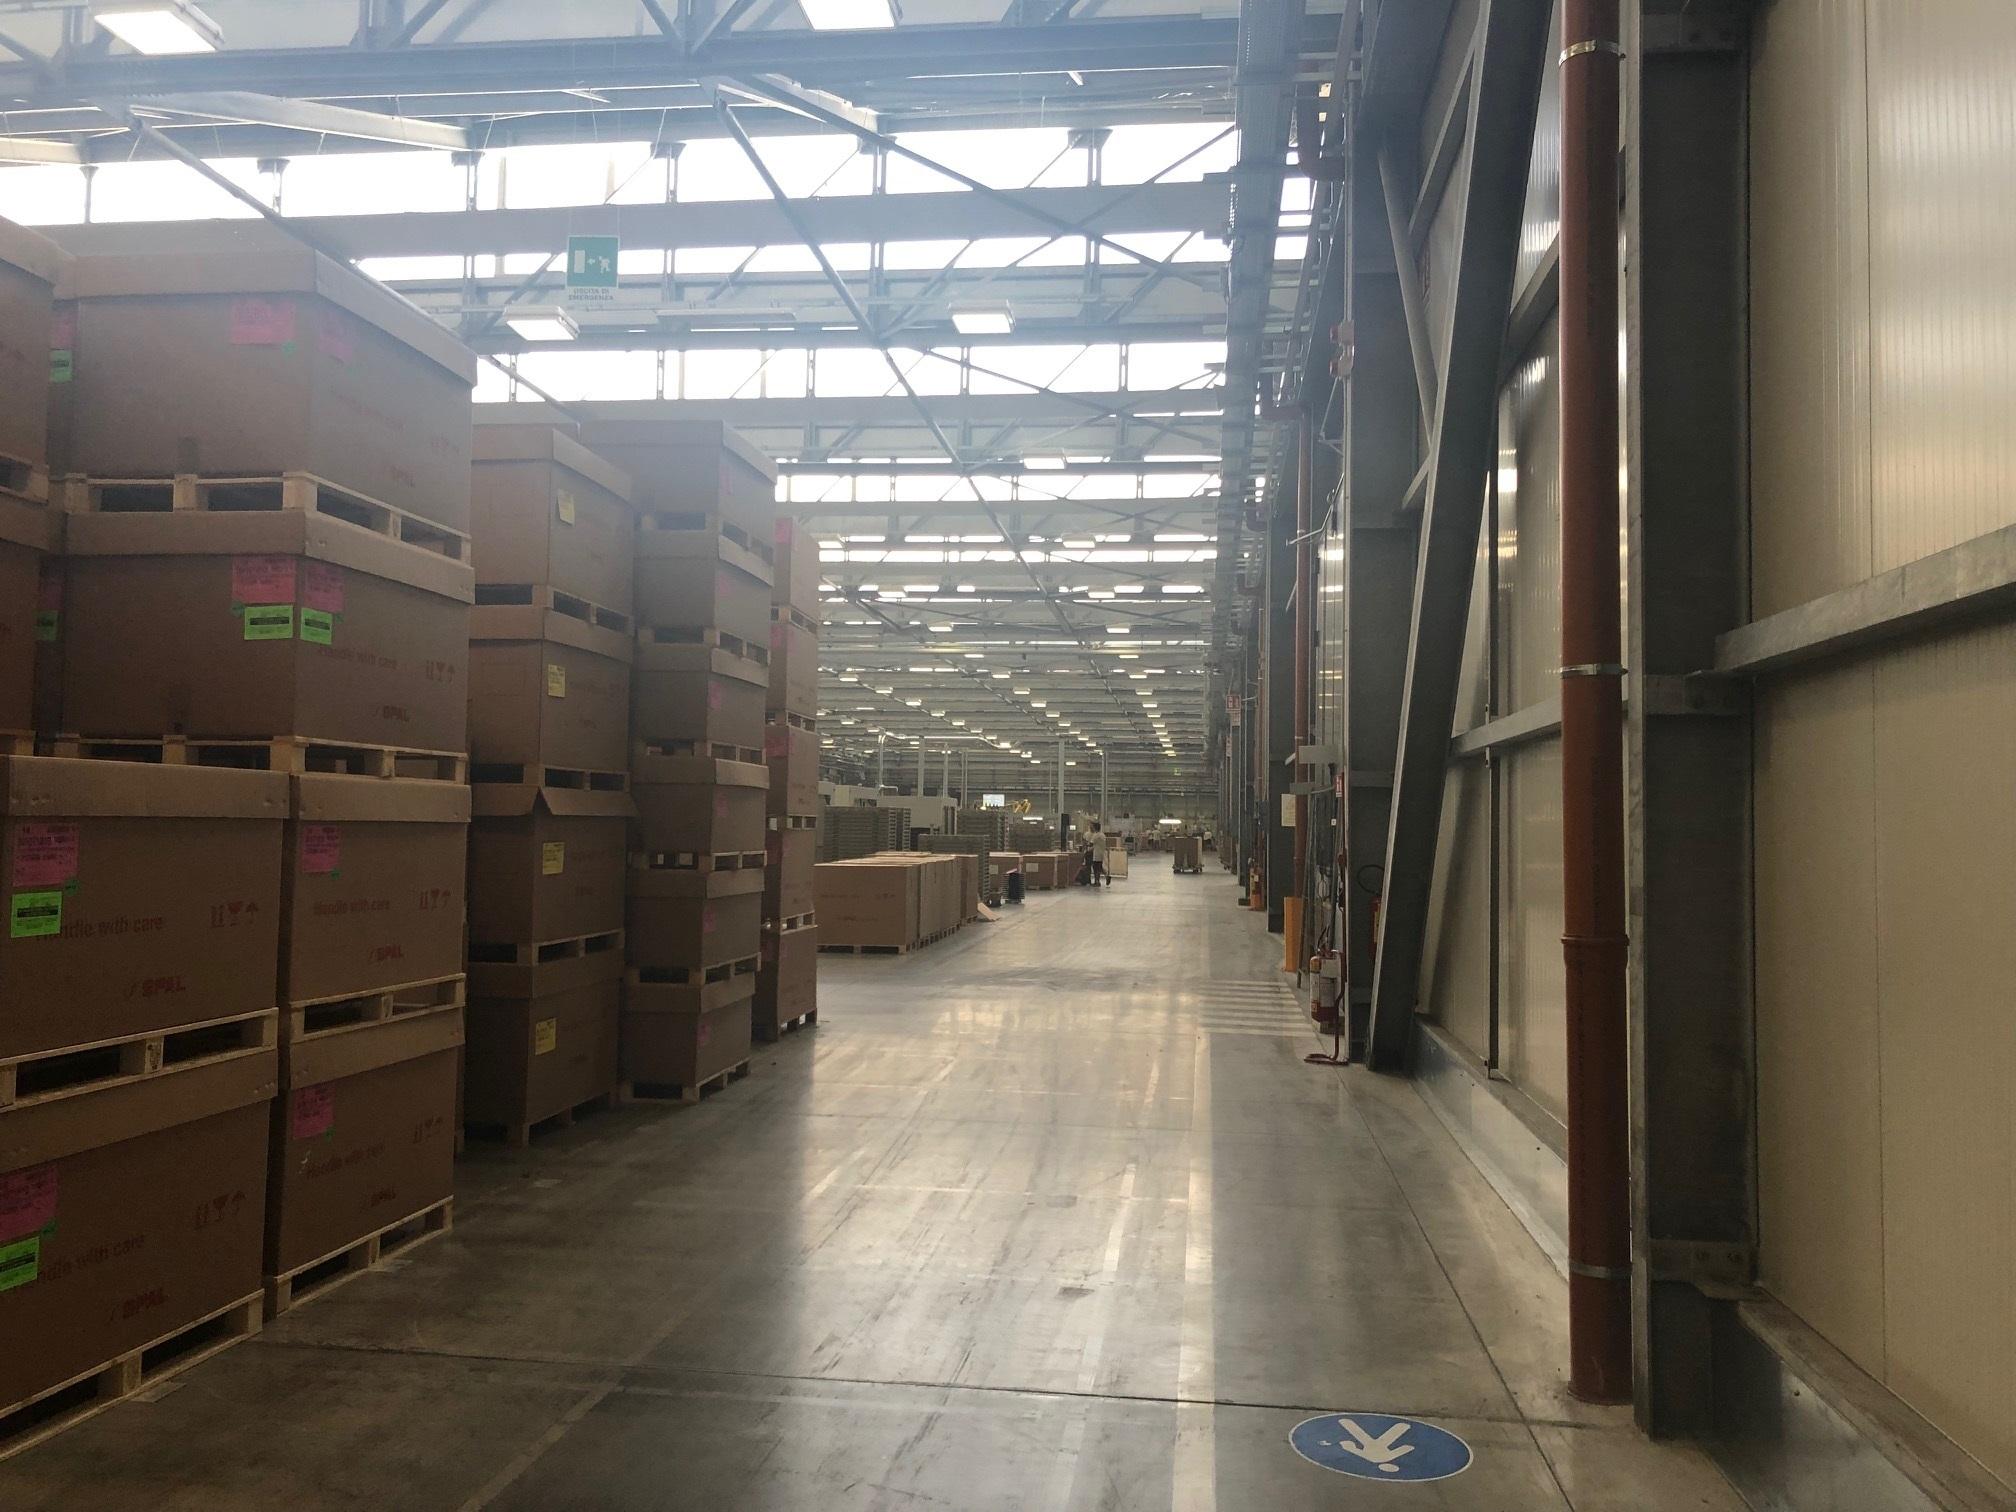 Local de produção e armazenagem é gigantesco